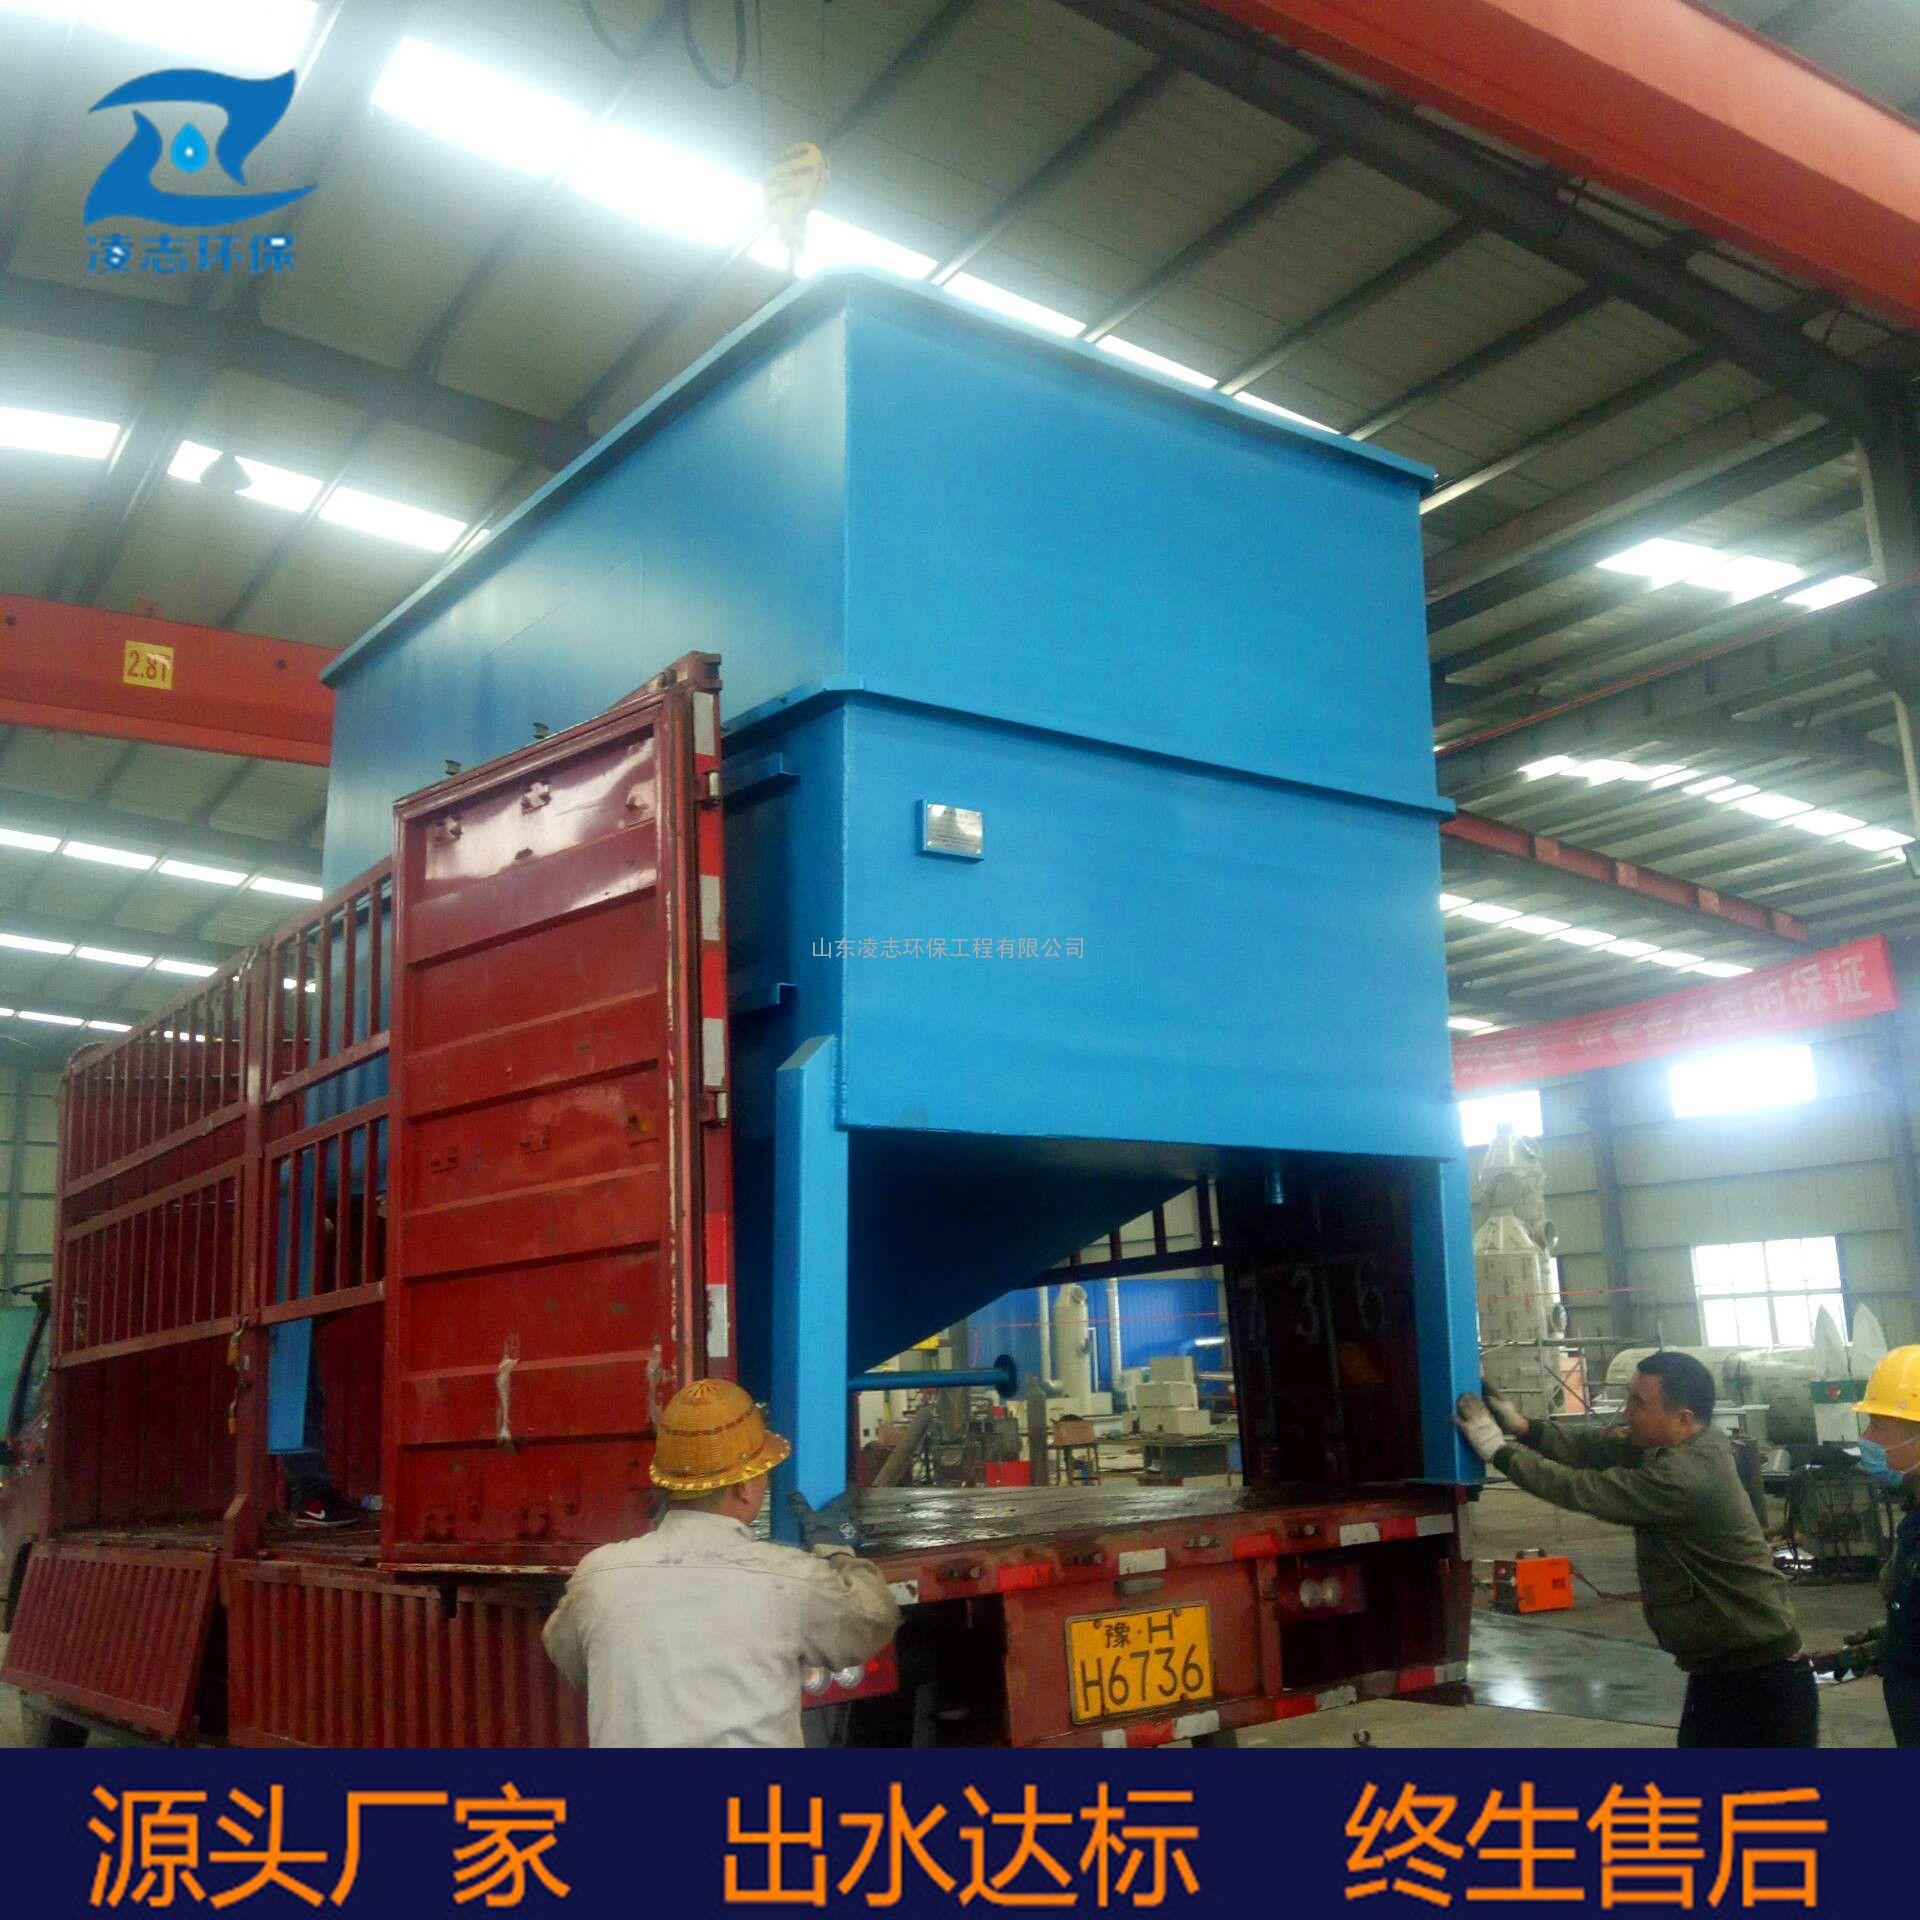 斜管沉淀器 电镀废水处理设备 污水处理设备